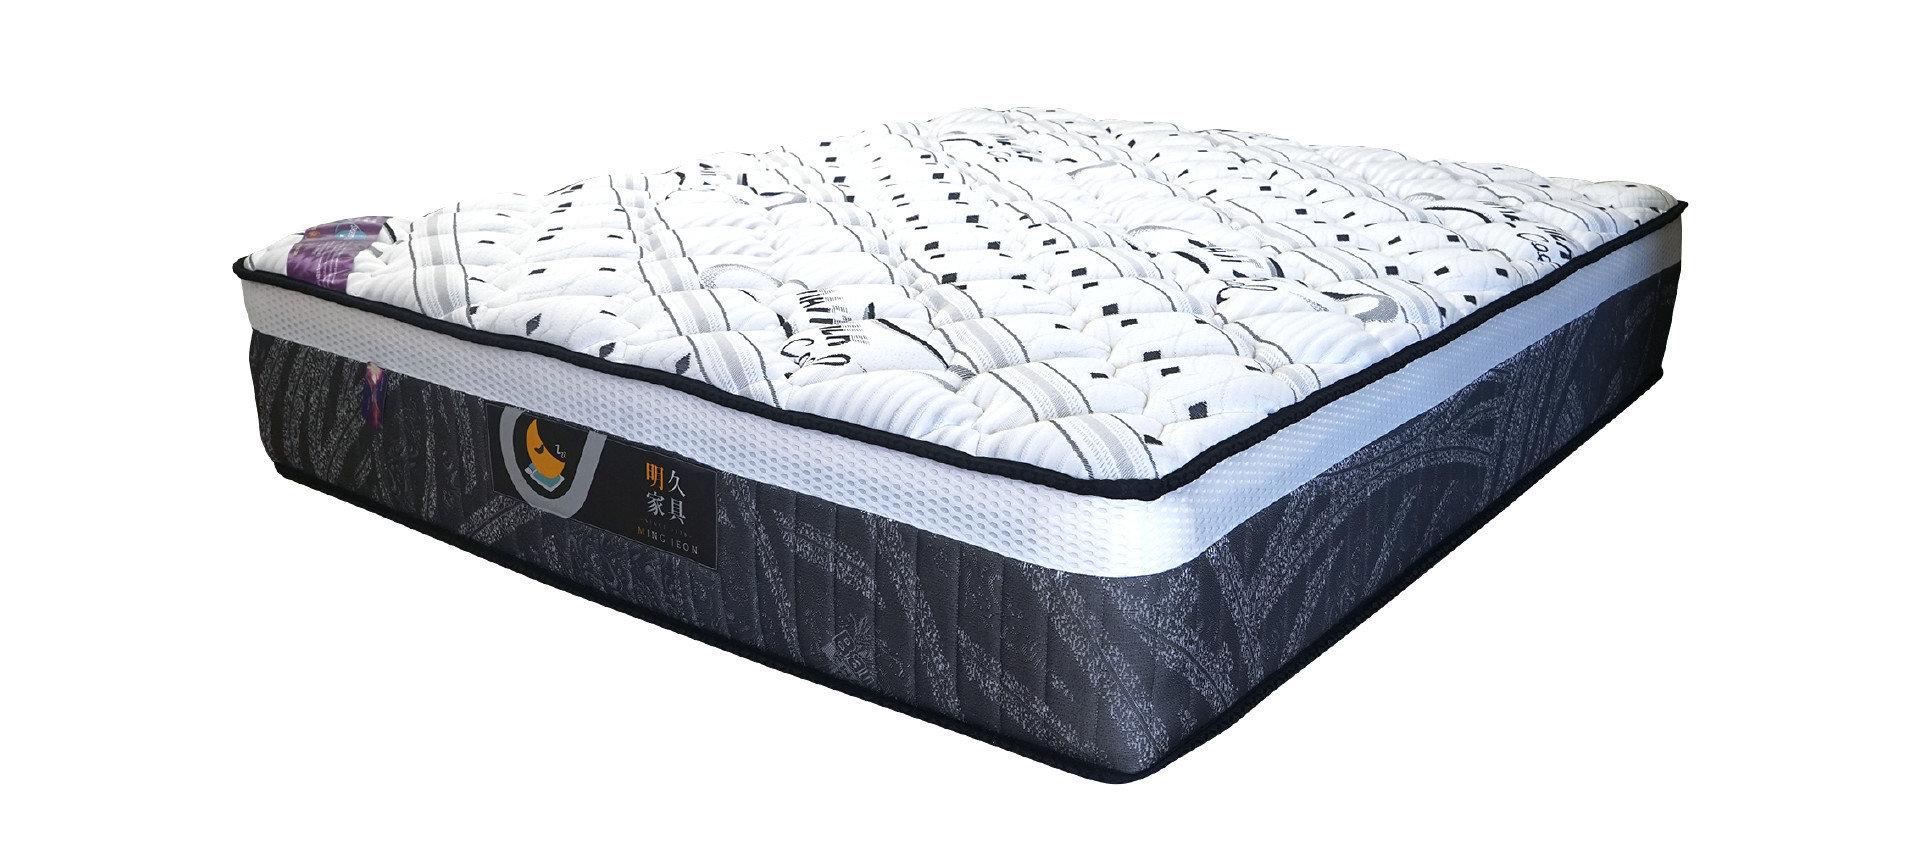 【涵碧樓 二線恆溫獨立筒】床墊產品實照